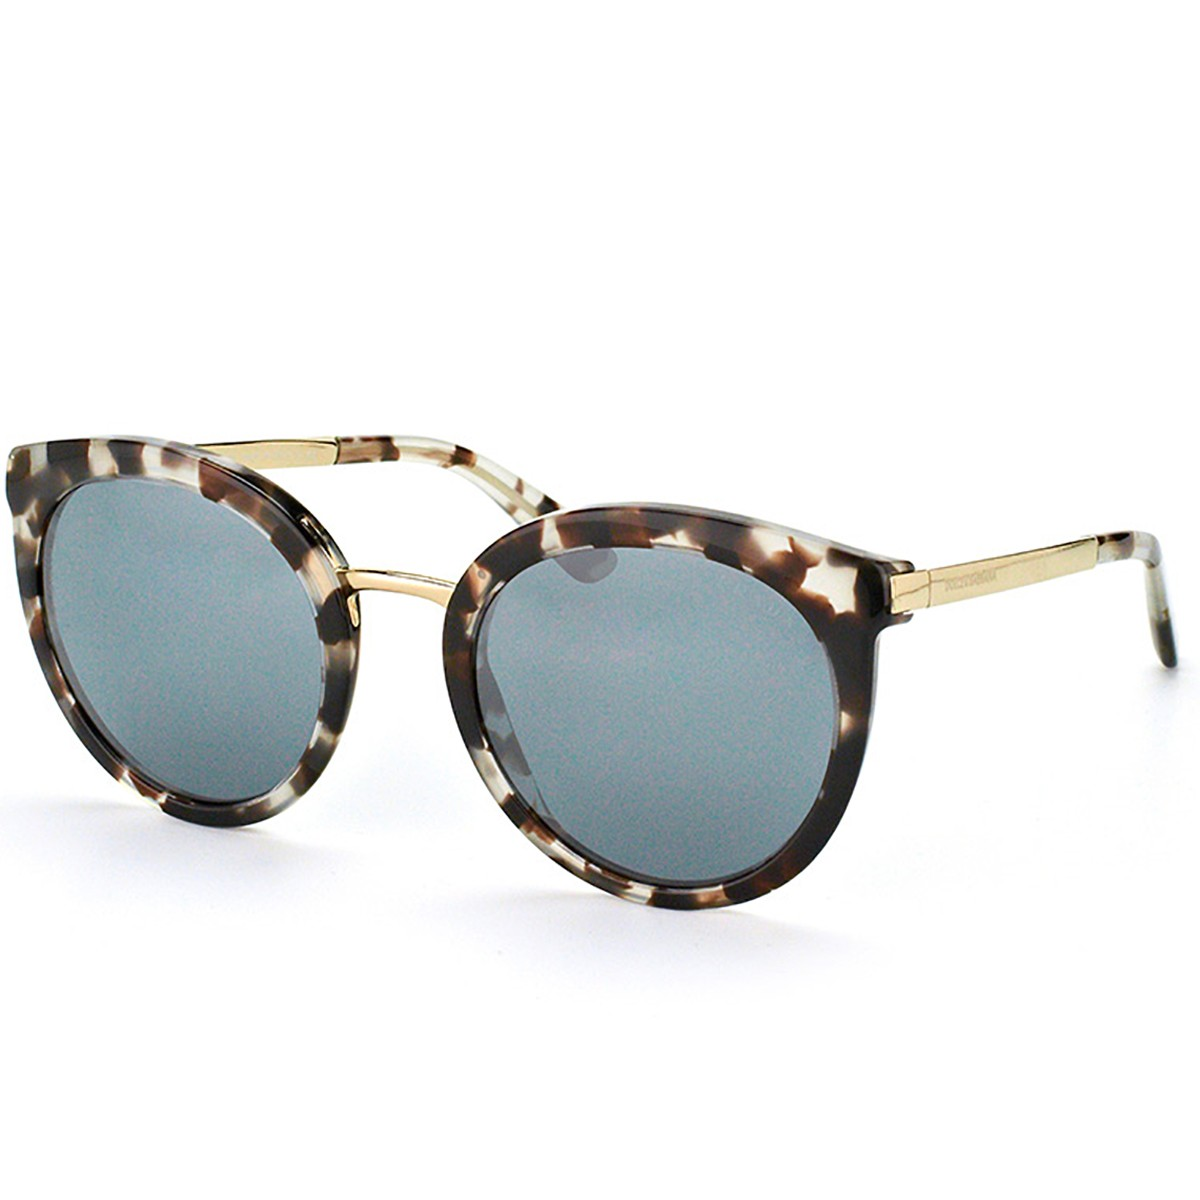 48e1c4aee5d35 Compre Óculos de Sol Dolce   Gabbana em 10X